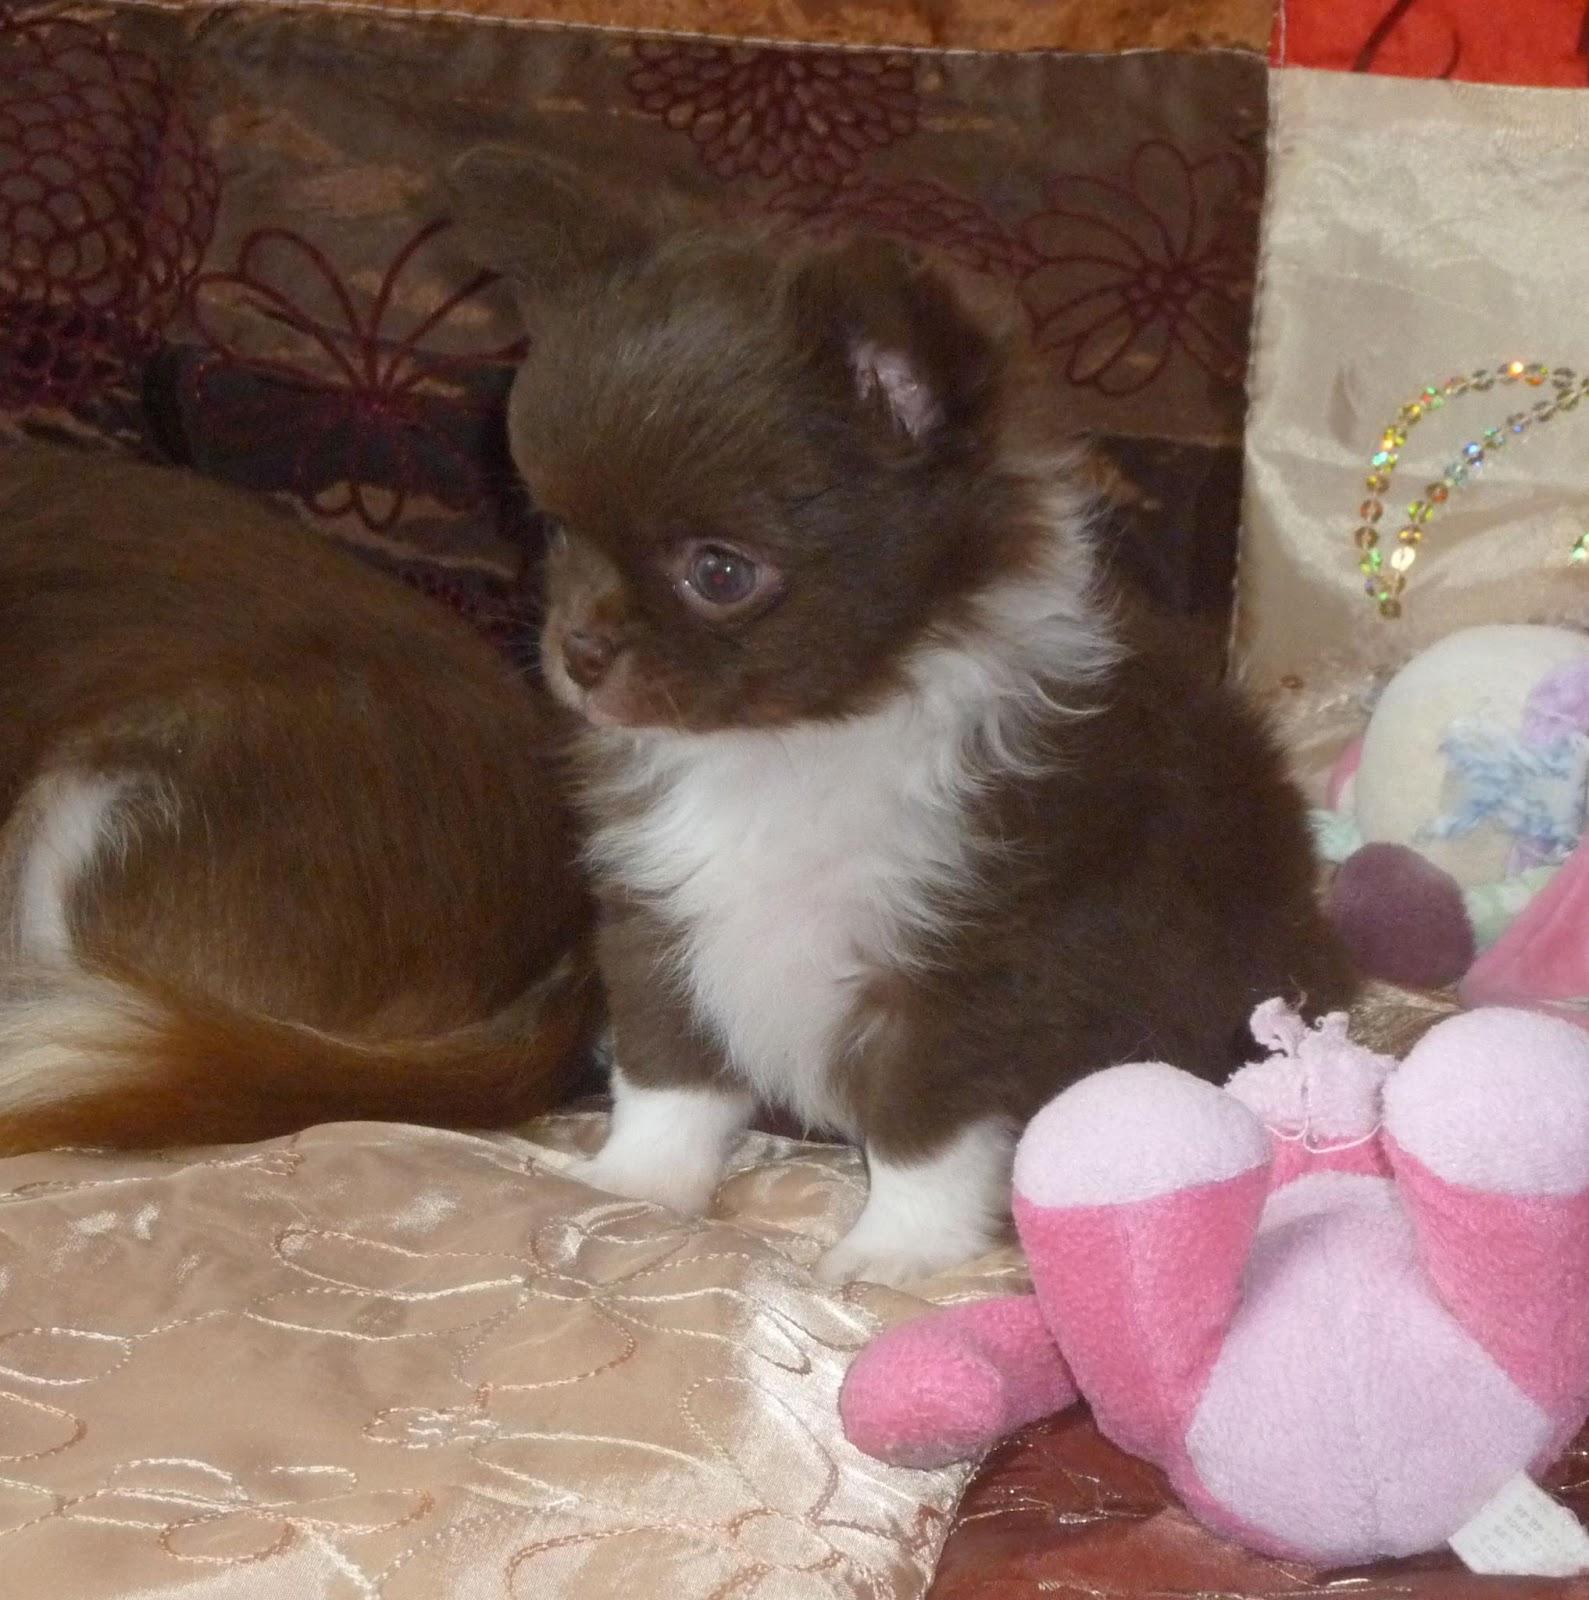 Le chihuahua sa sant et son bien tre l 39 arriv e du for Arrivee de bebe a la maison